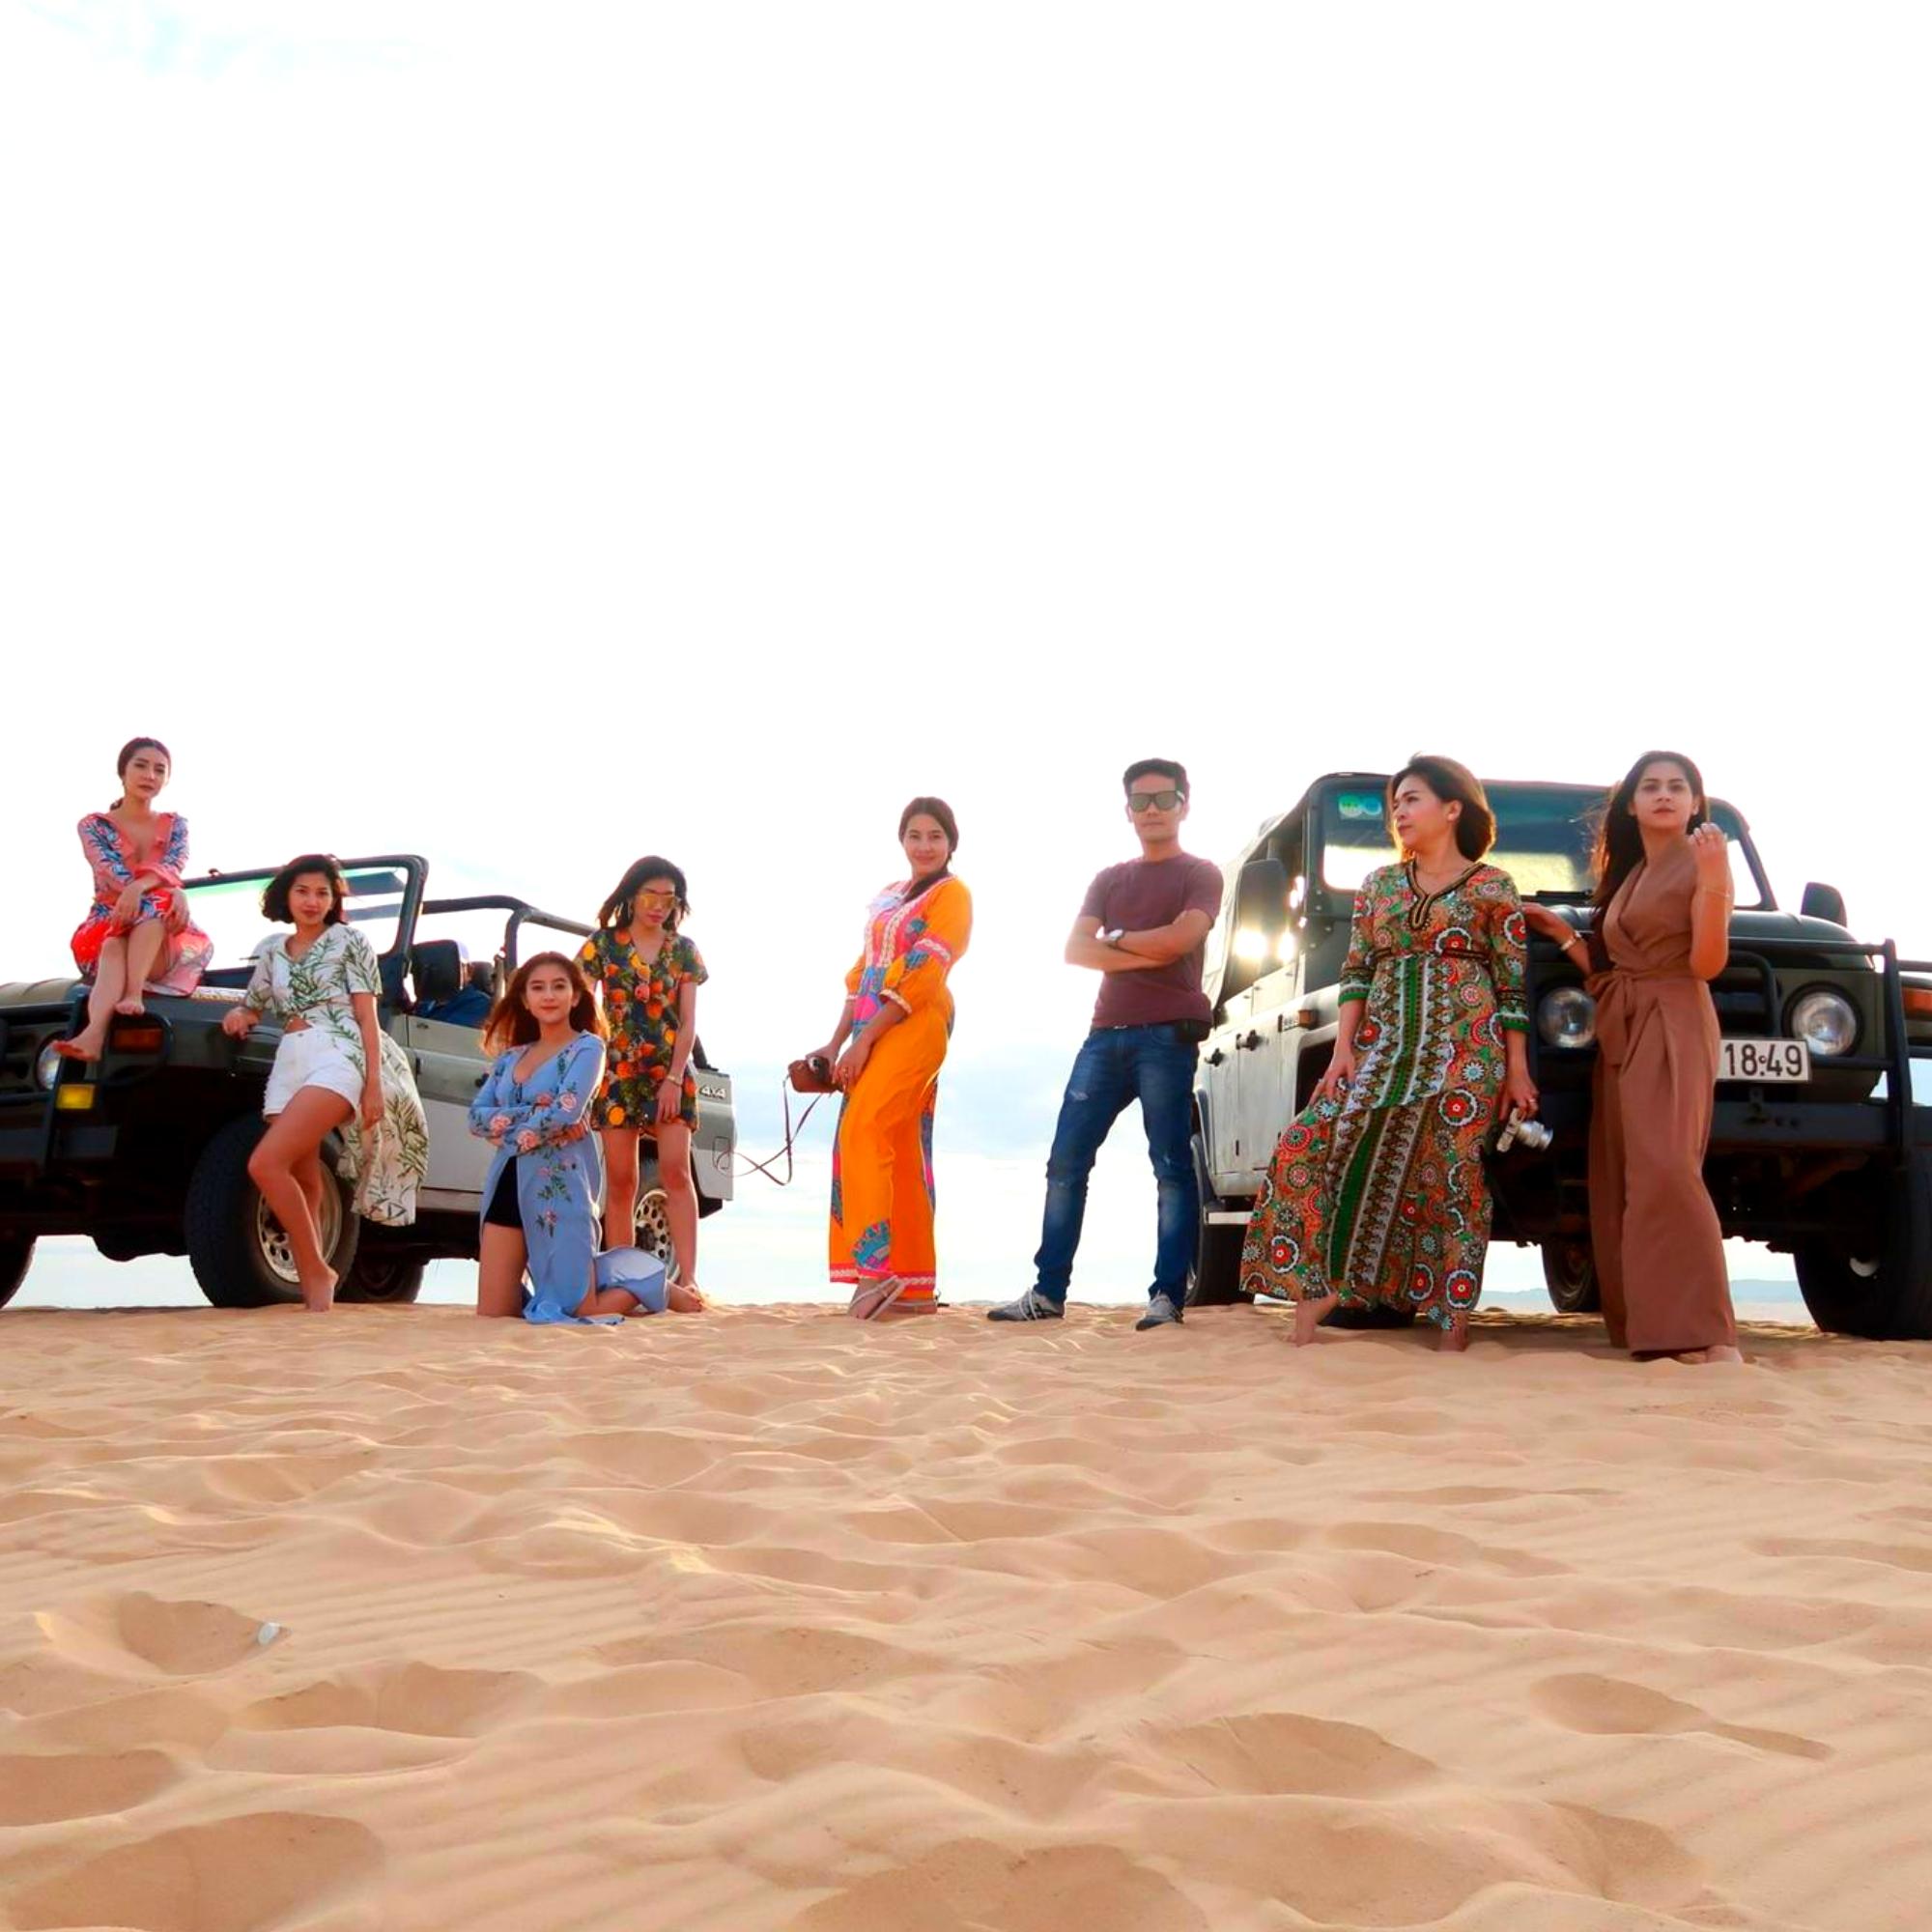 Джип тур, гонки на джипах по дюнам в Муйне